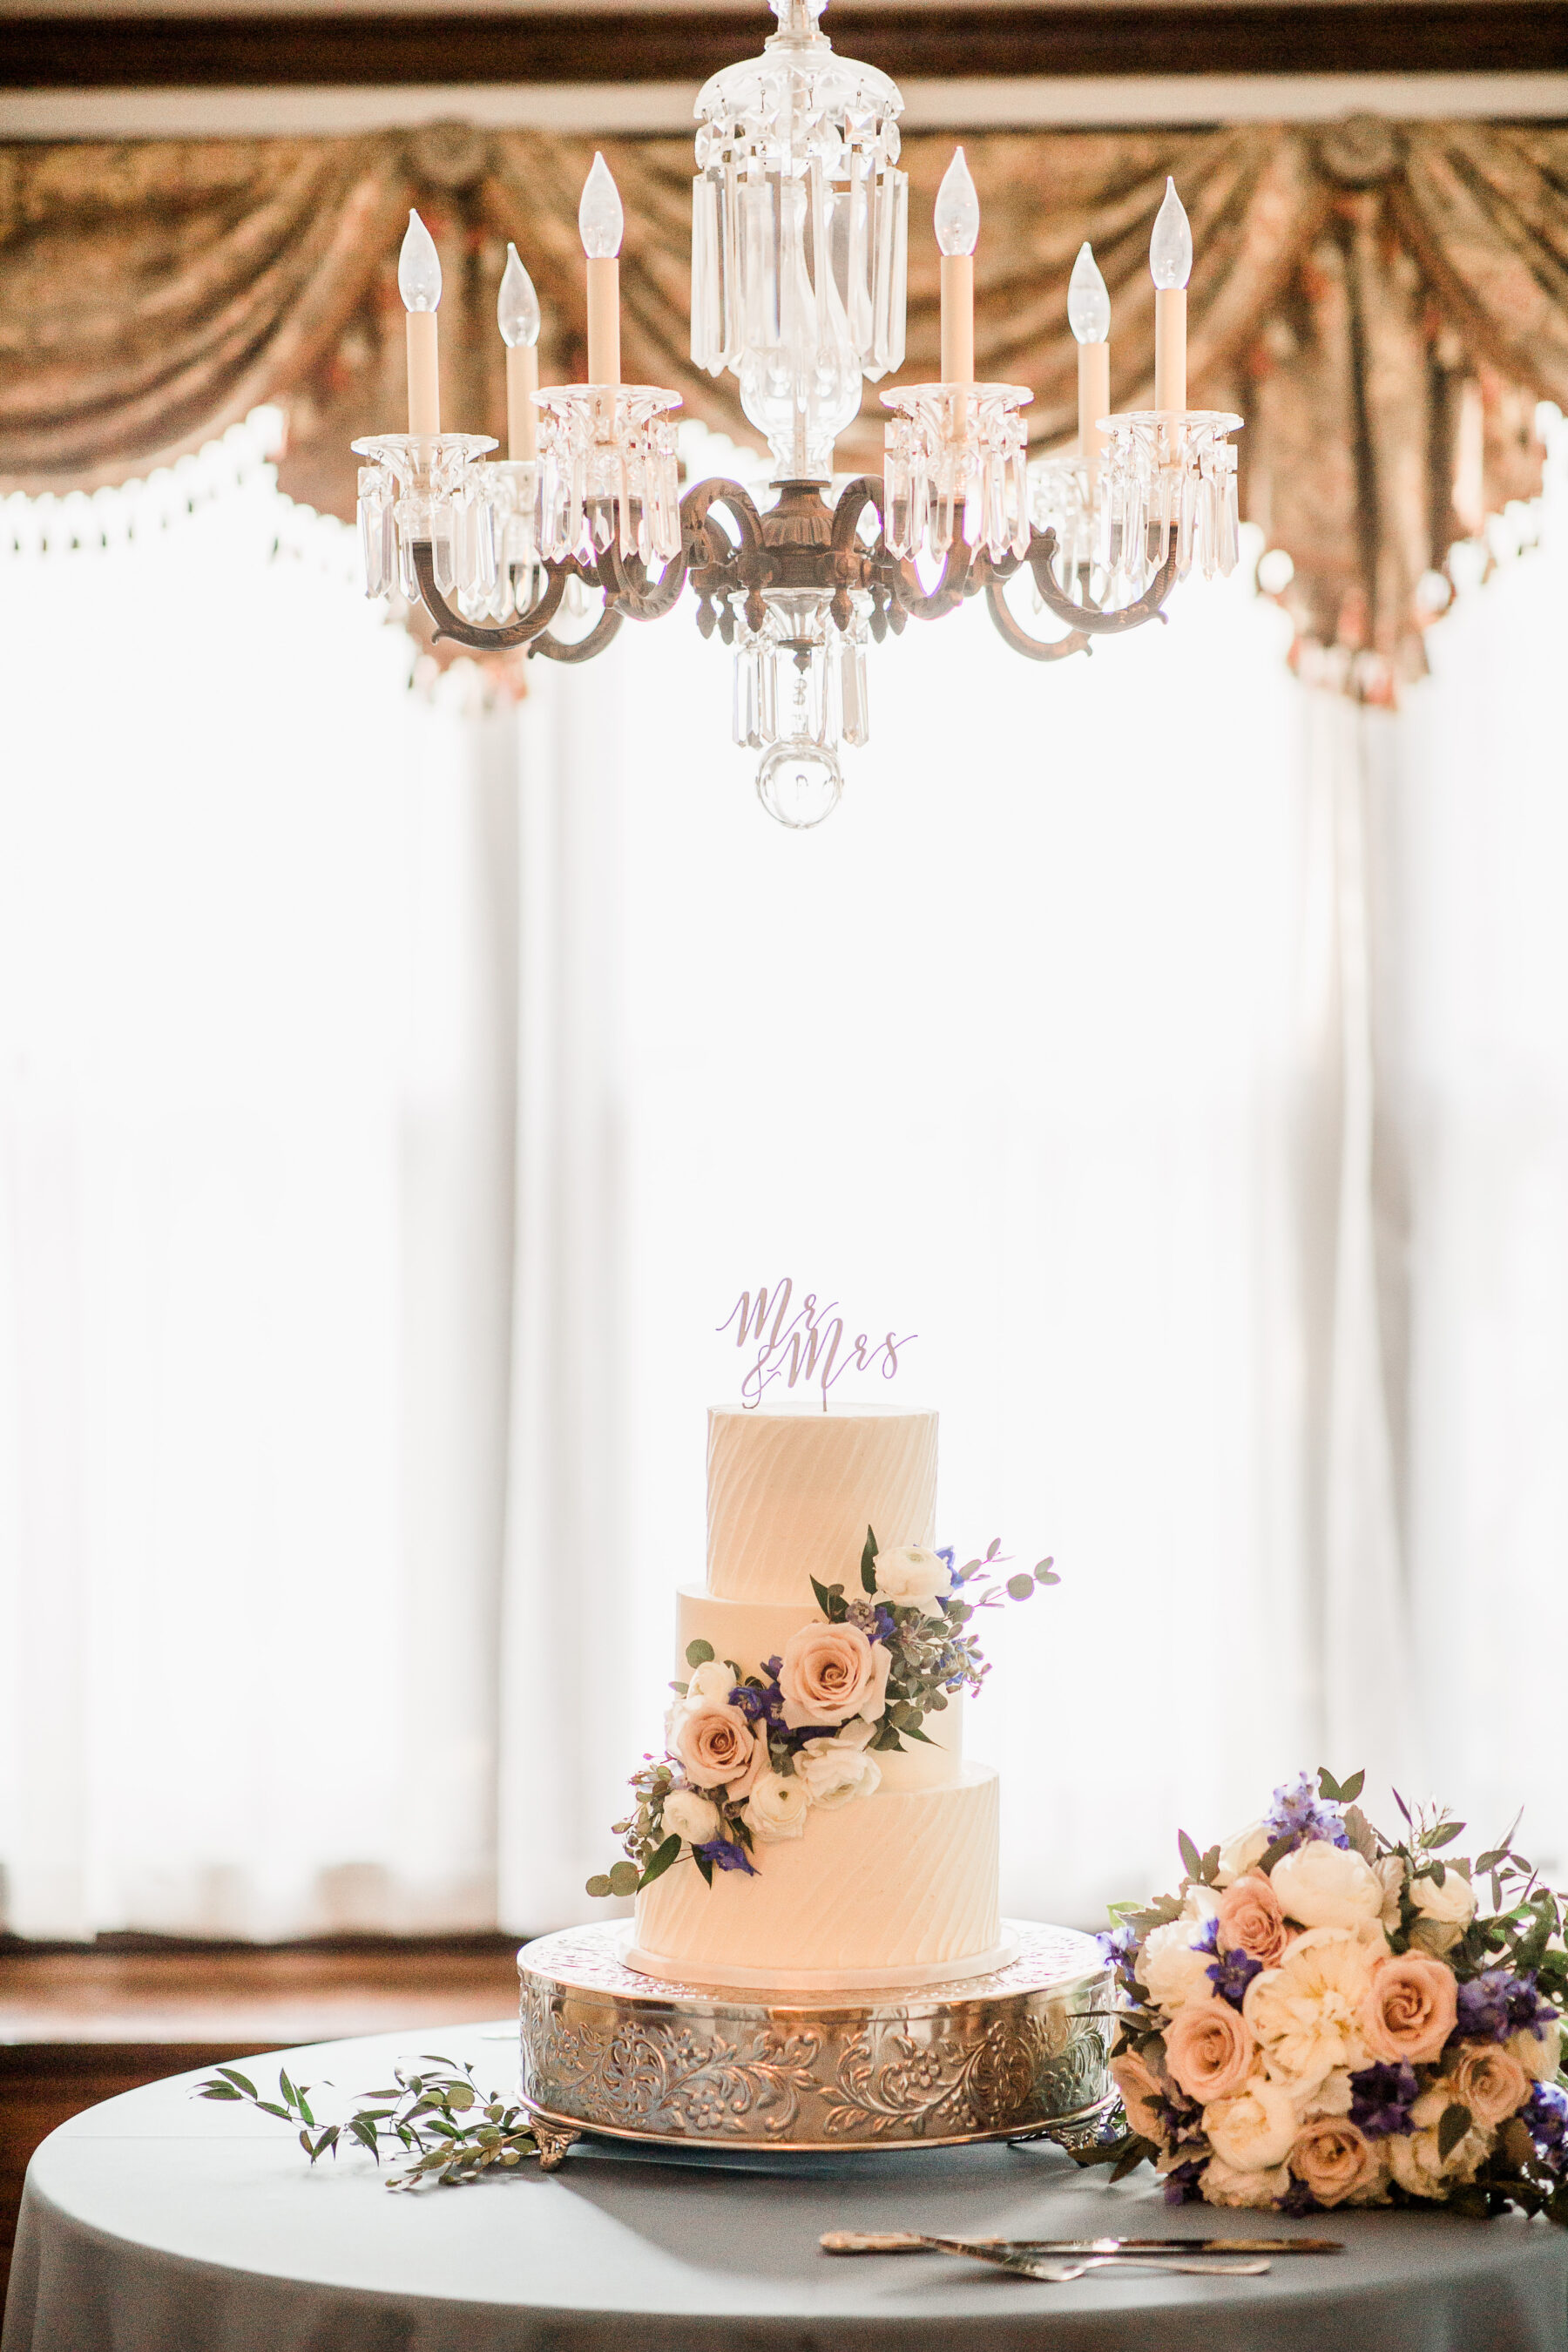 Baked in Nashville White Floral Wedding Cake   Nashville Bride Guide